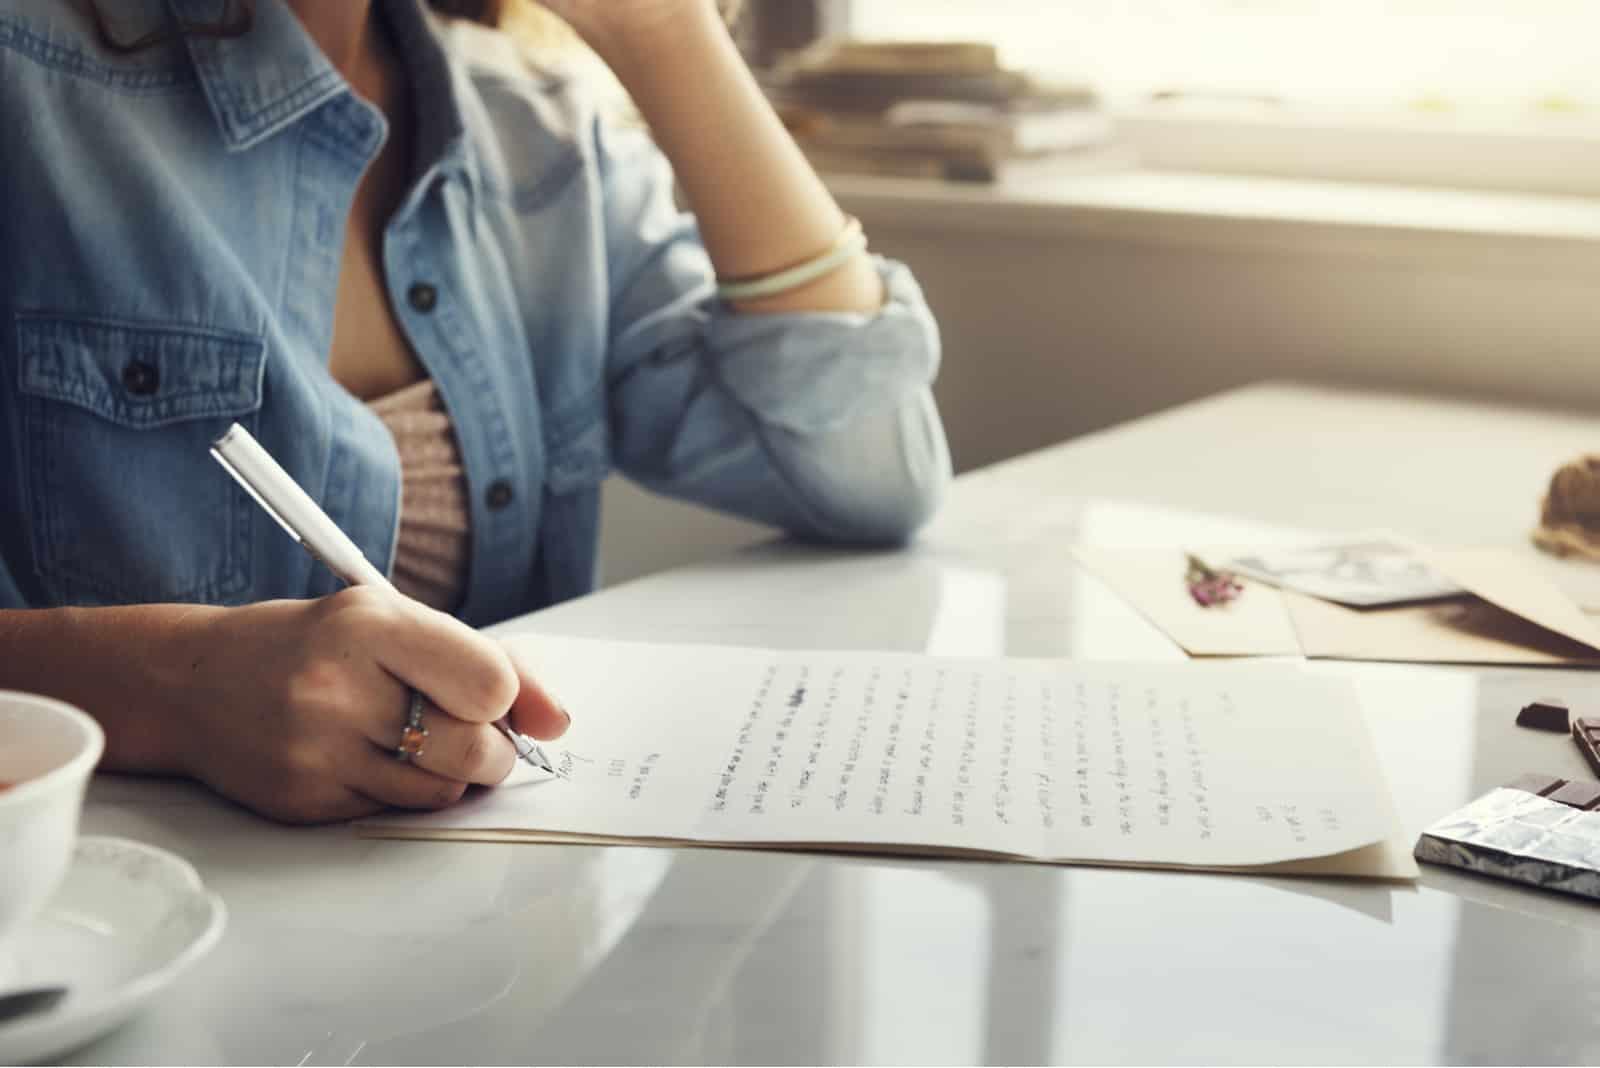 la femme s'assoit et écrit